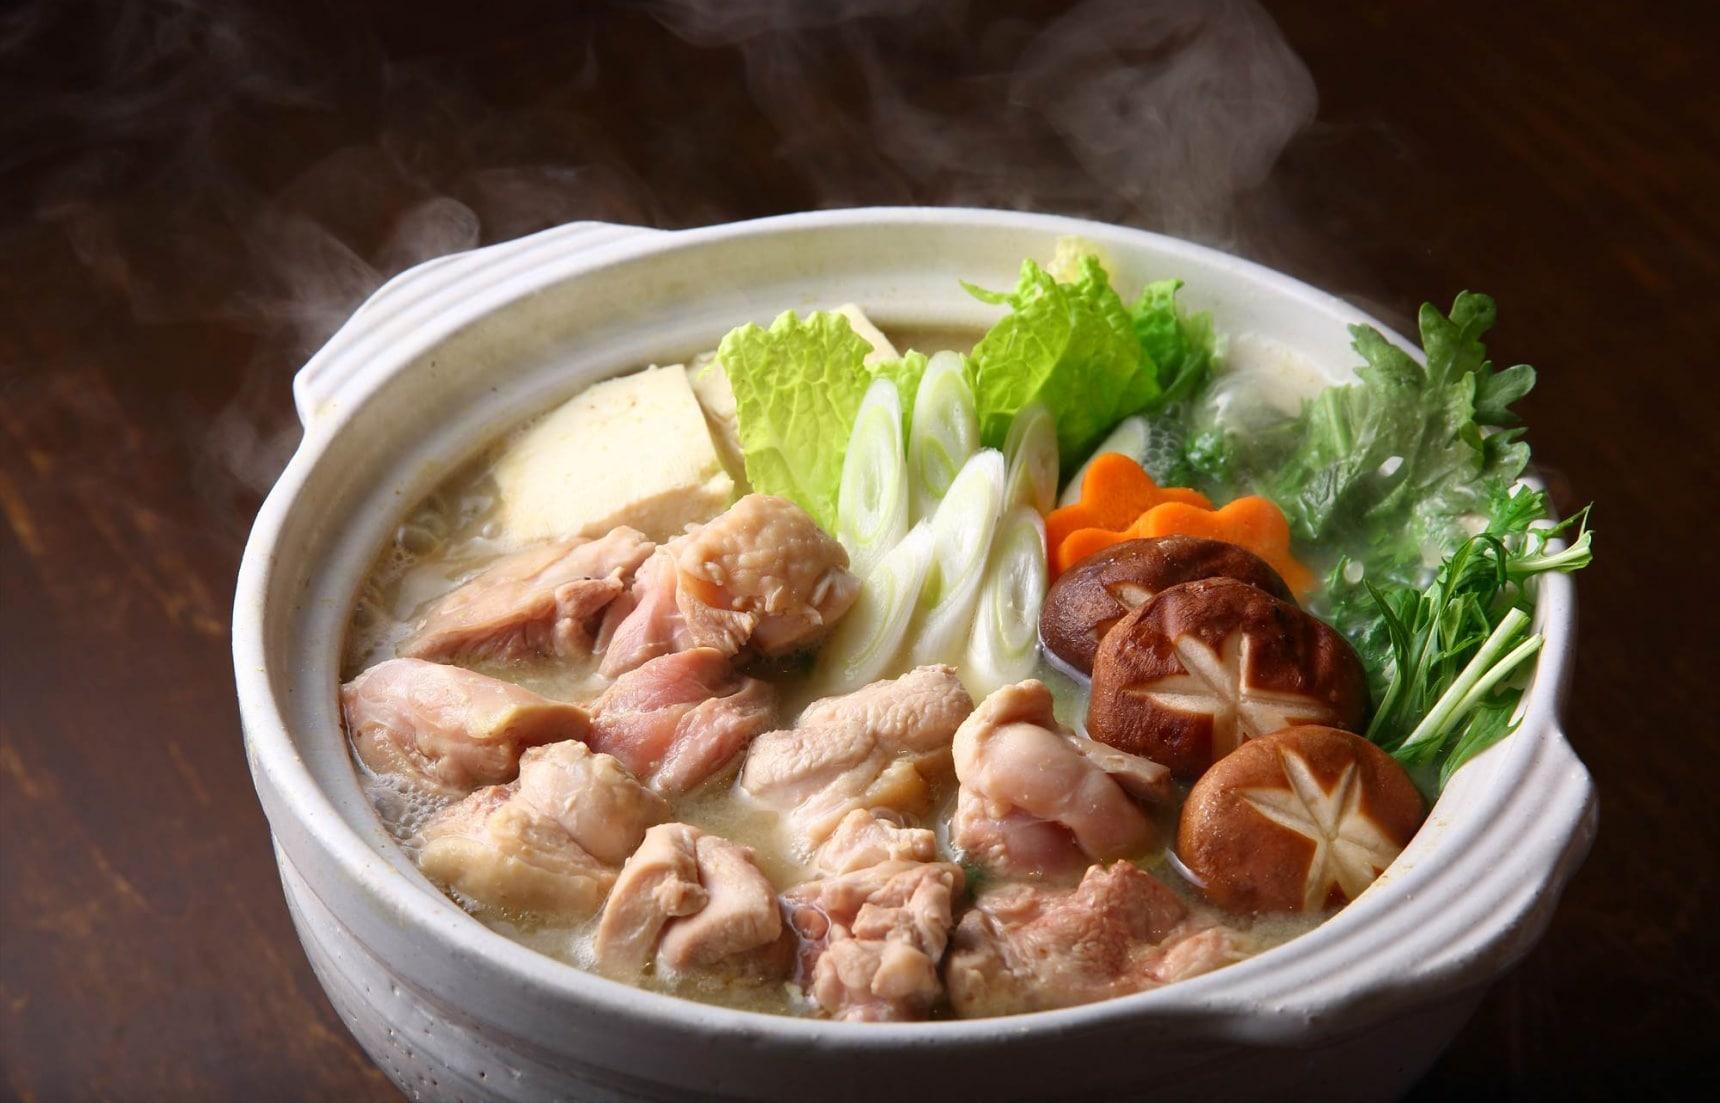 몸과 마음이 따뜻해지는 나베 요리 5선